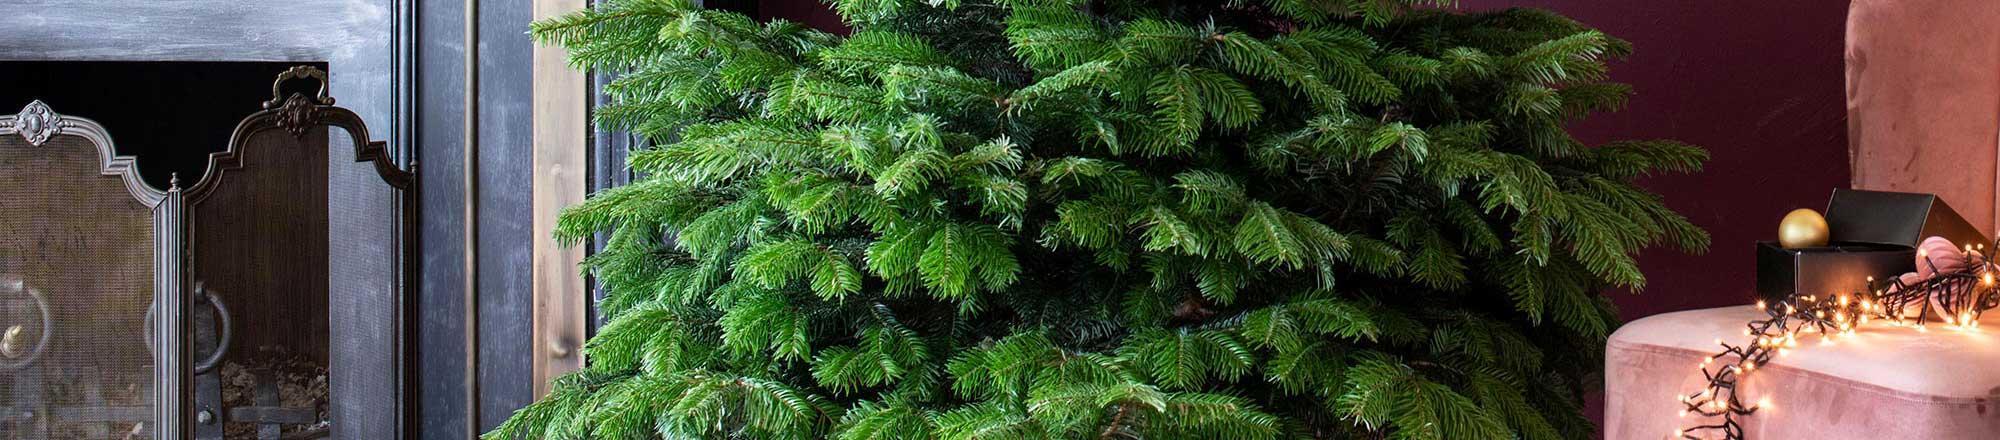 Kerstboom verzorgen